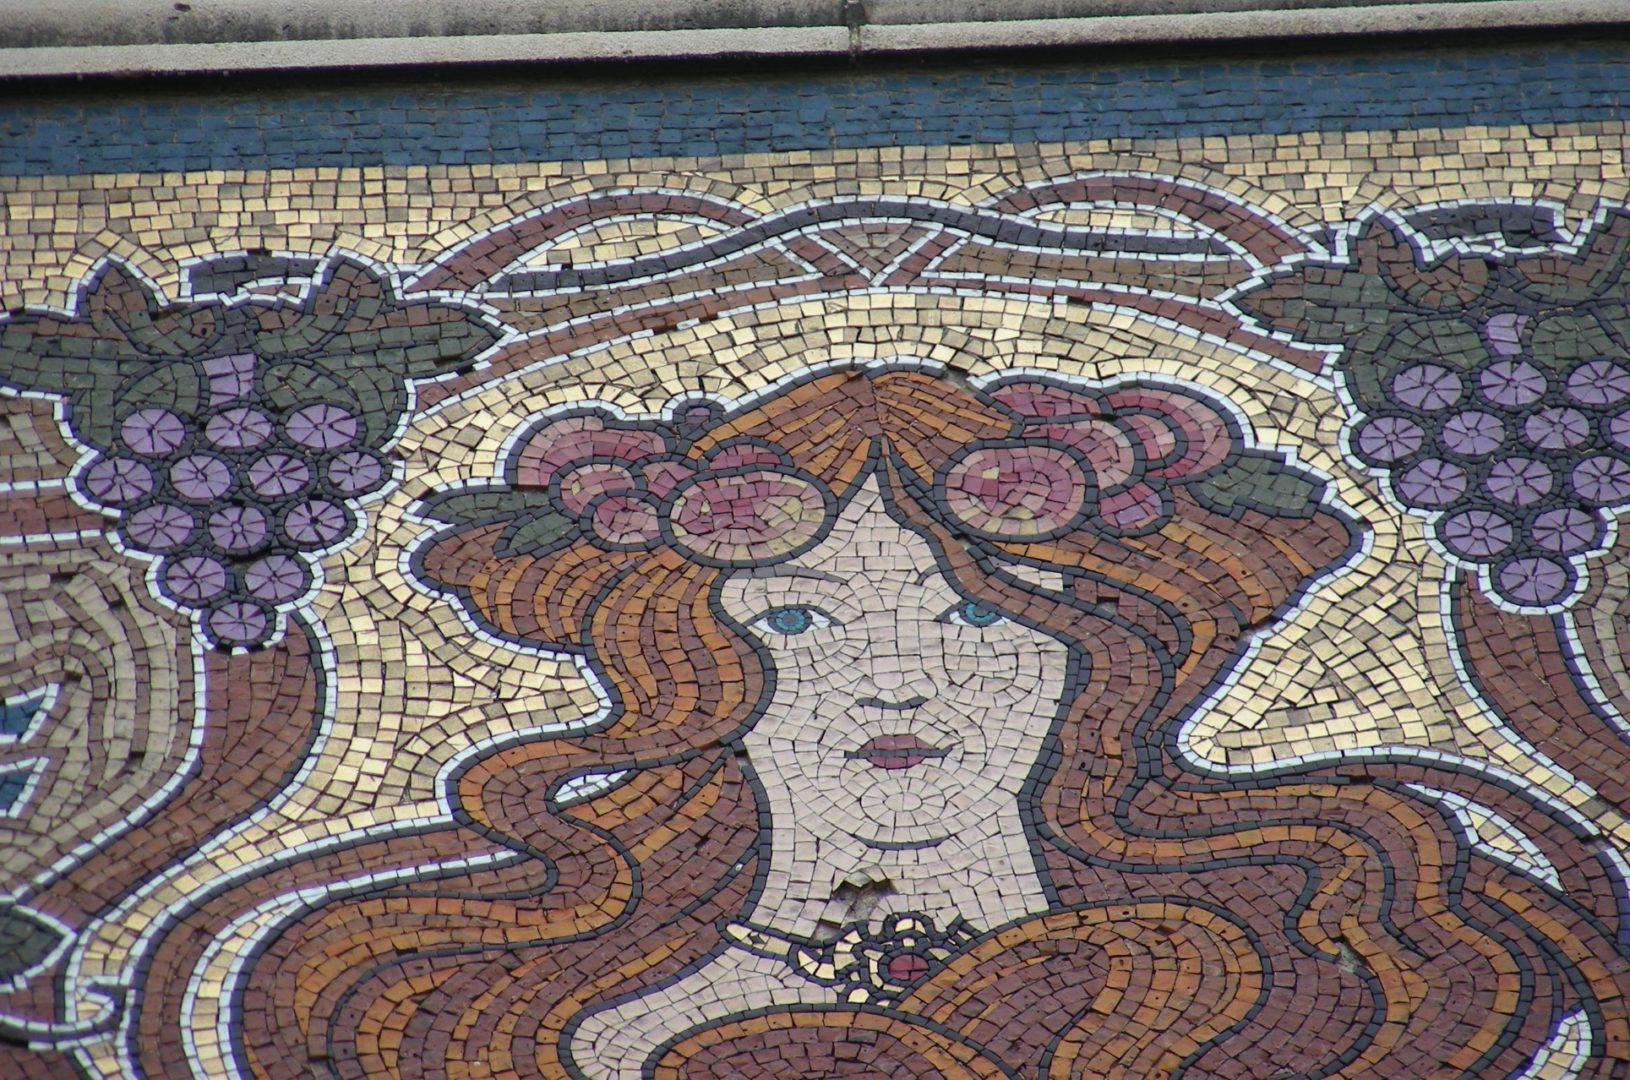 Mozaiek De Herfst Berchem